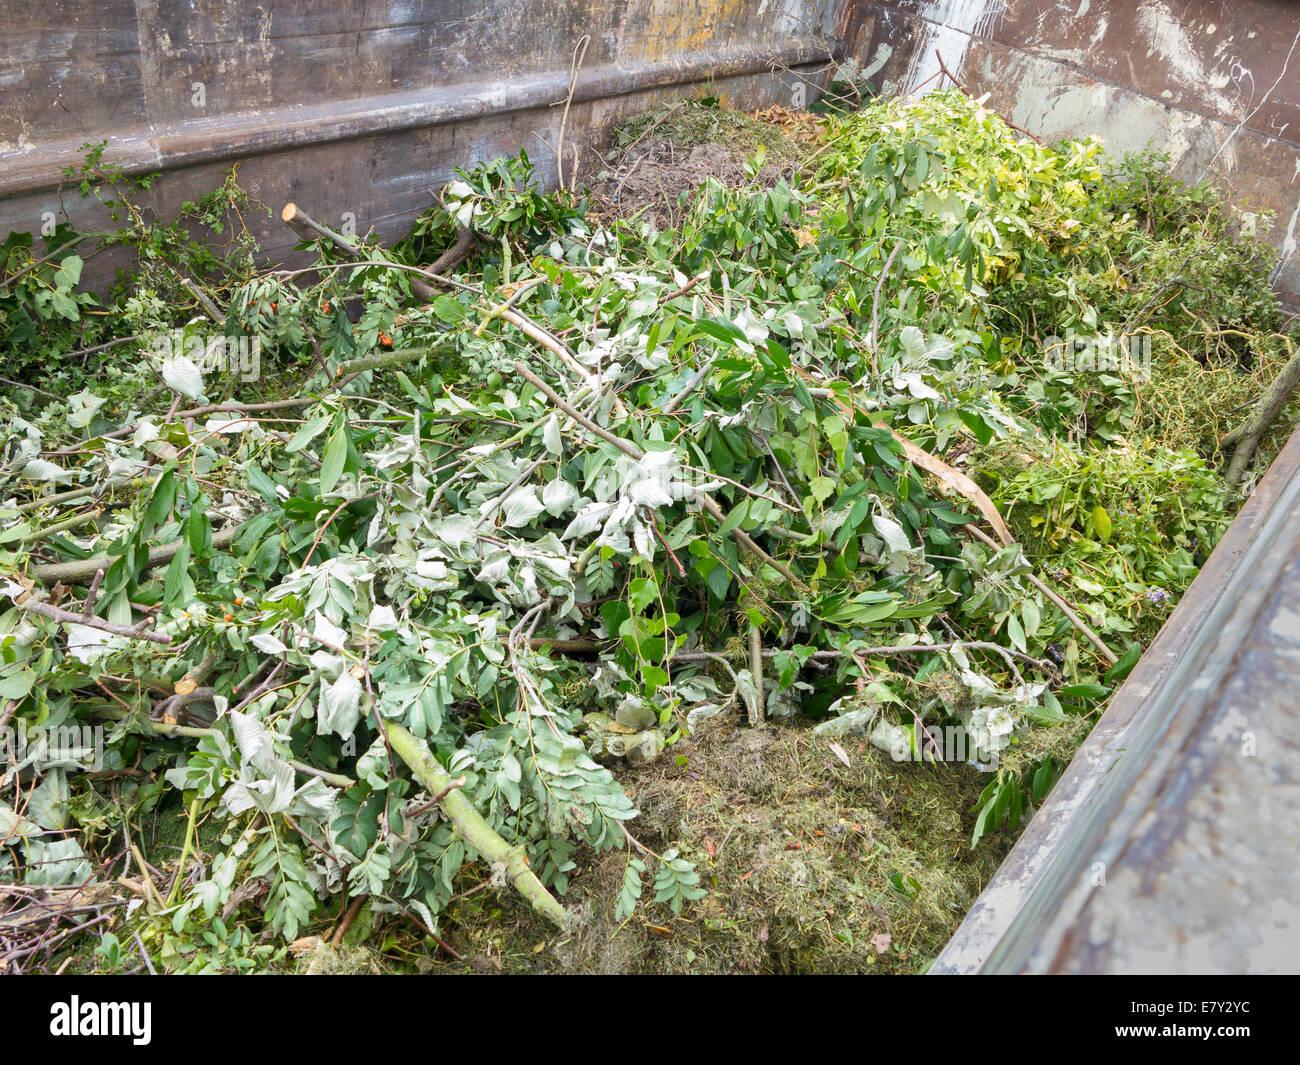 Gebietskörperschaft öffentlichen Recyclinganlage für grüne Gartenabfälle, UK Stockbild